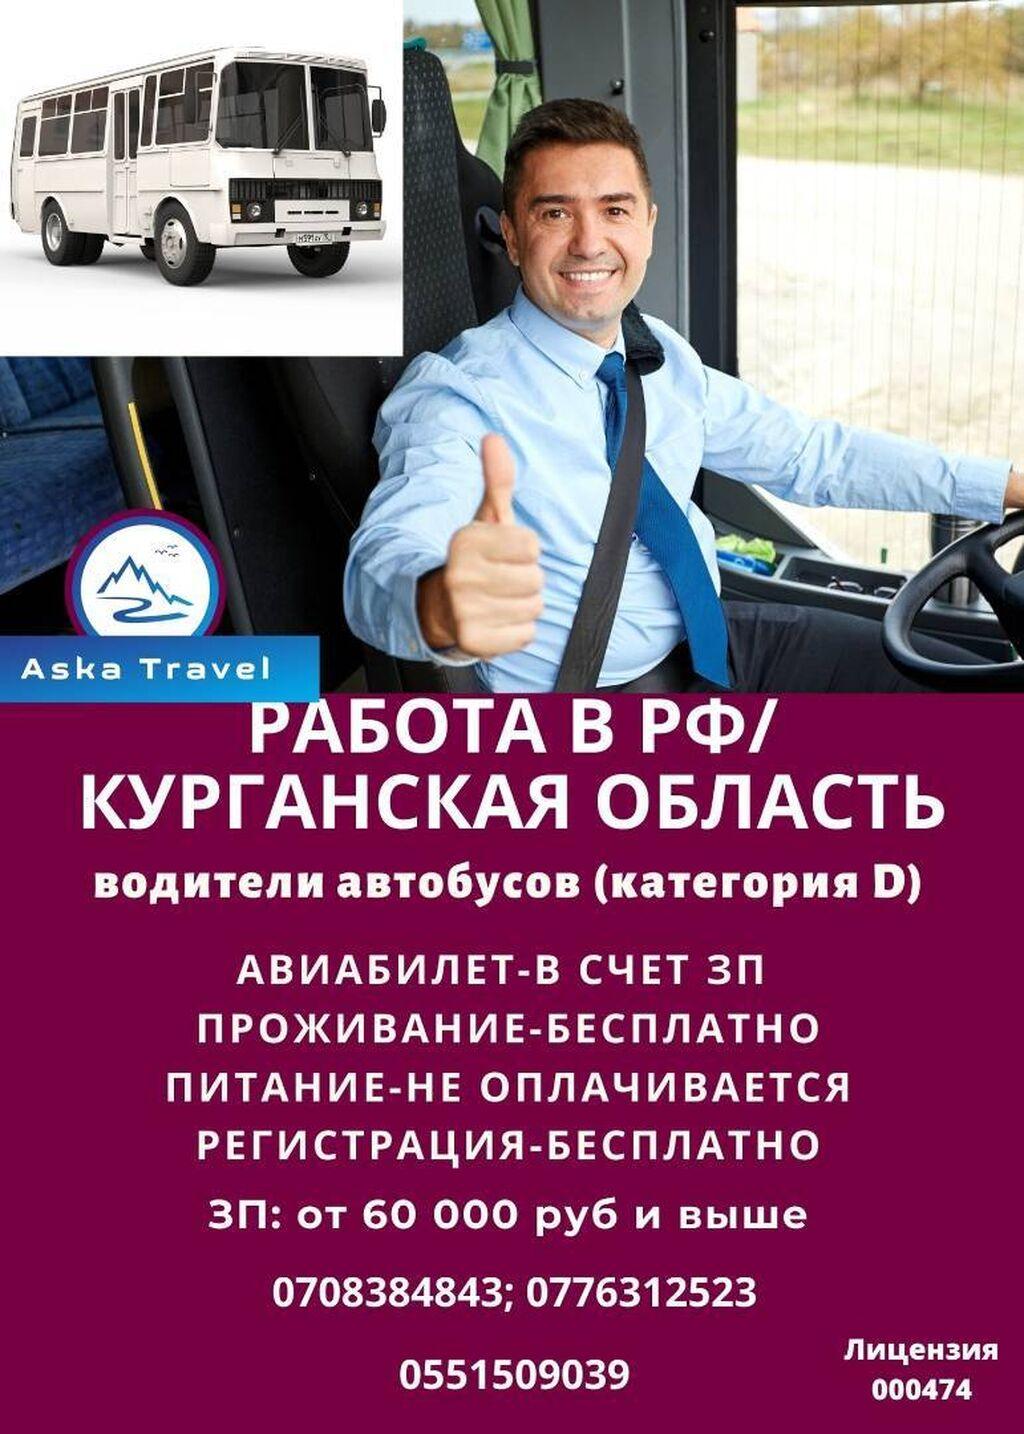 Для работы в РФ (Курганская область), требуются мужчины от 20 лет до: Для работы в РФ (Курганская область), требуются мужчины от 20 лет до